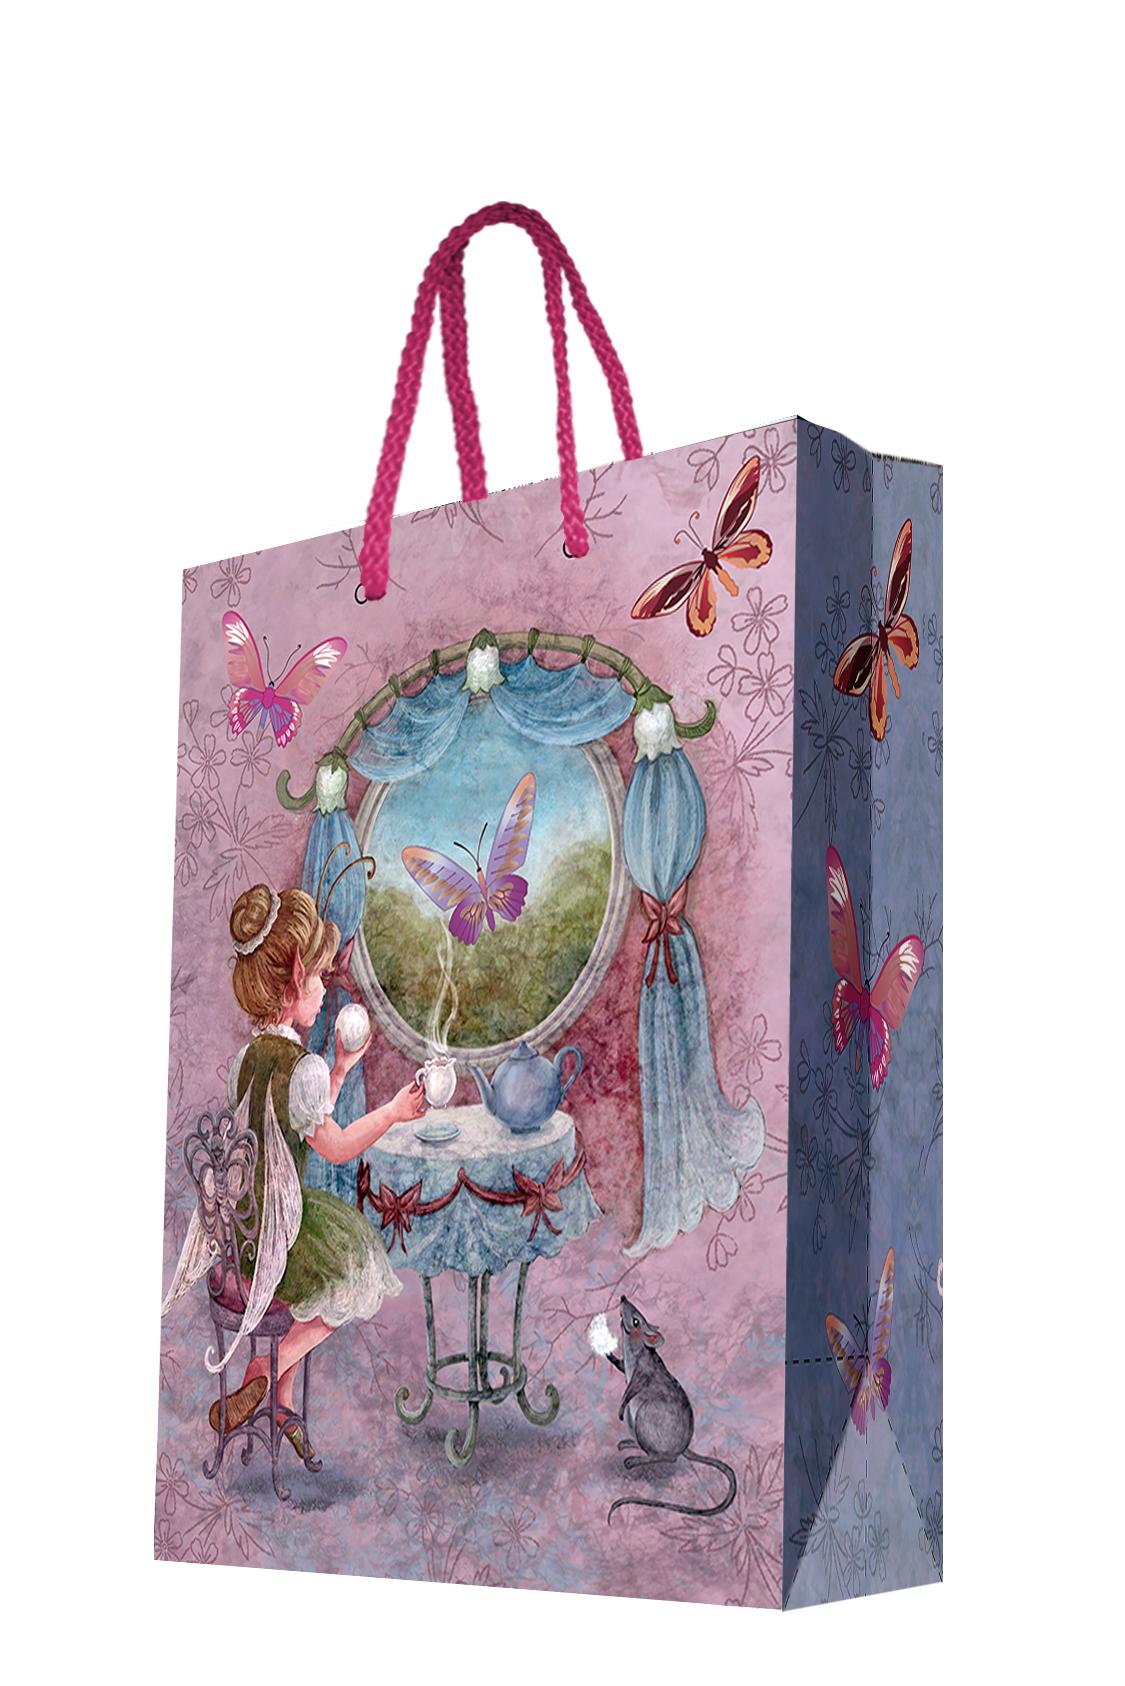 Пакет подарочный Magic Home Волшебное чаепитие, 26 х 32,4 х 12,7 см пакет подарочный а4 26 32 12 7см новогодние часыбумажный с ламинацией 140 г м2 75312